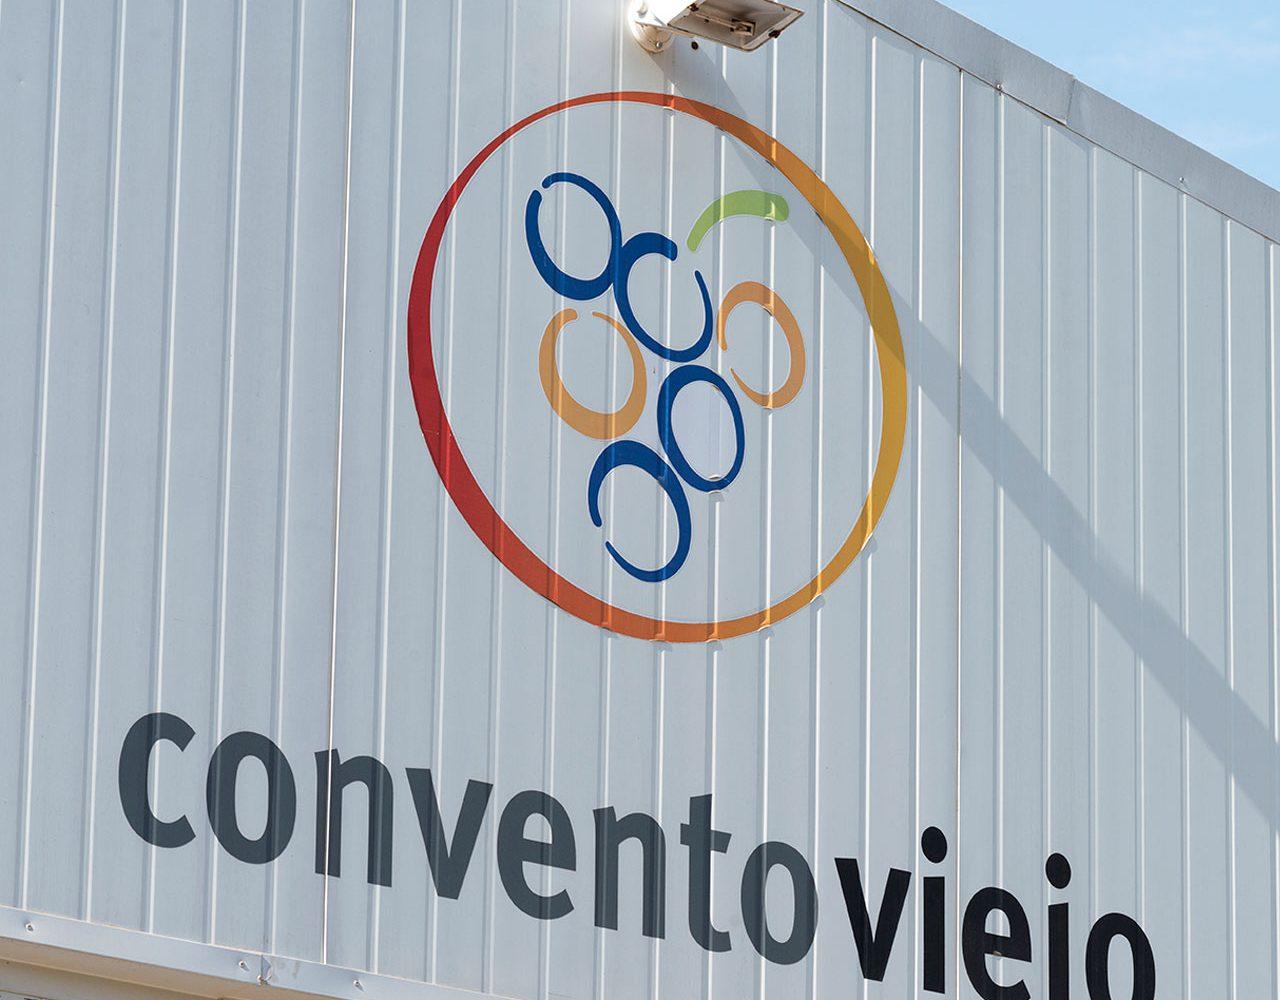 locacion-conventoviejo-1280x1000